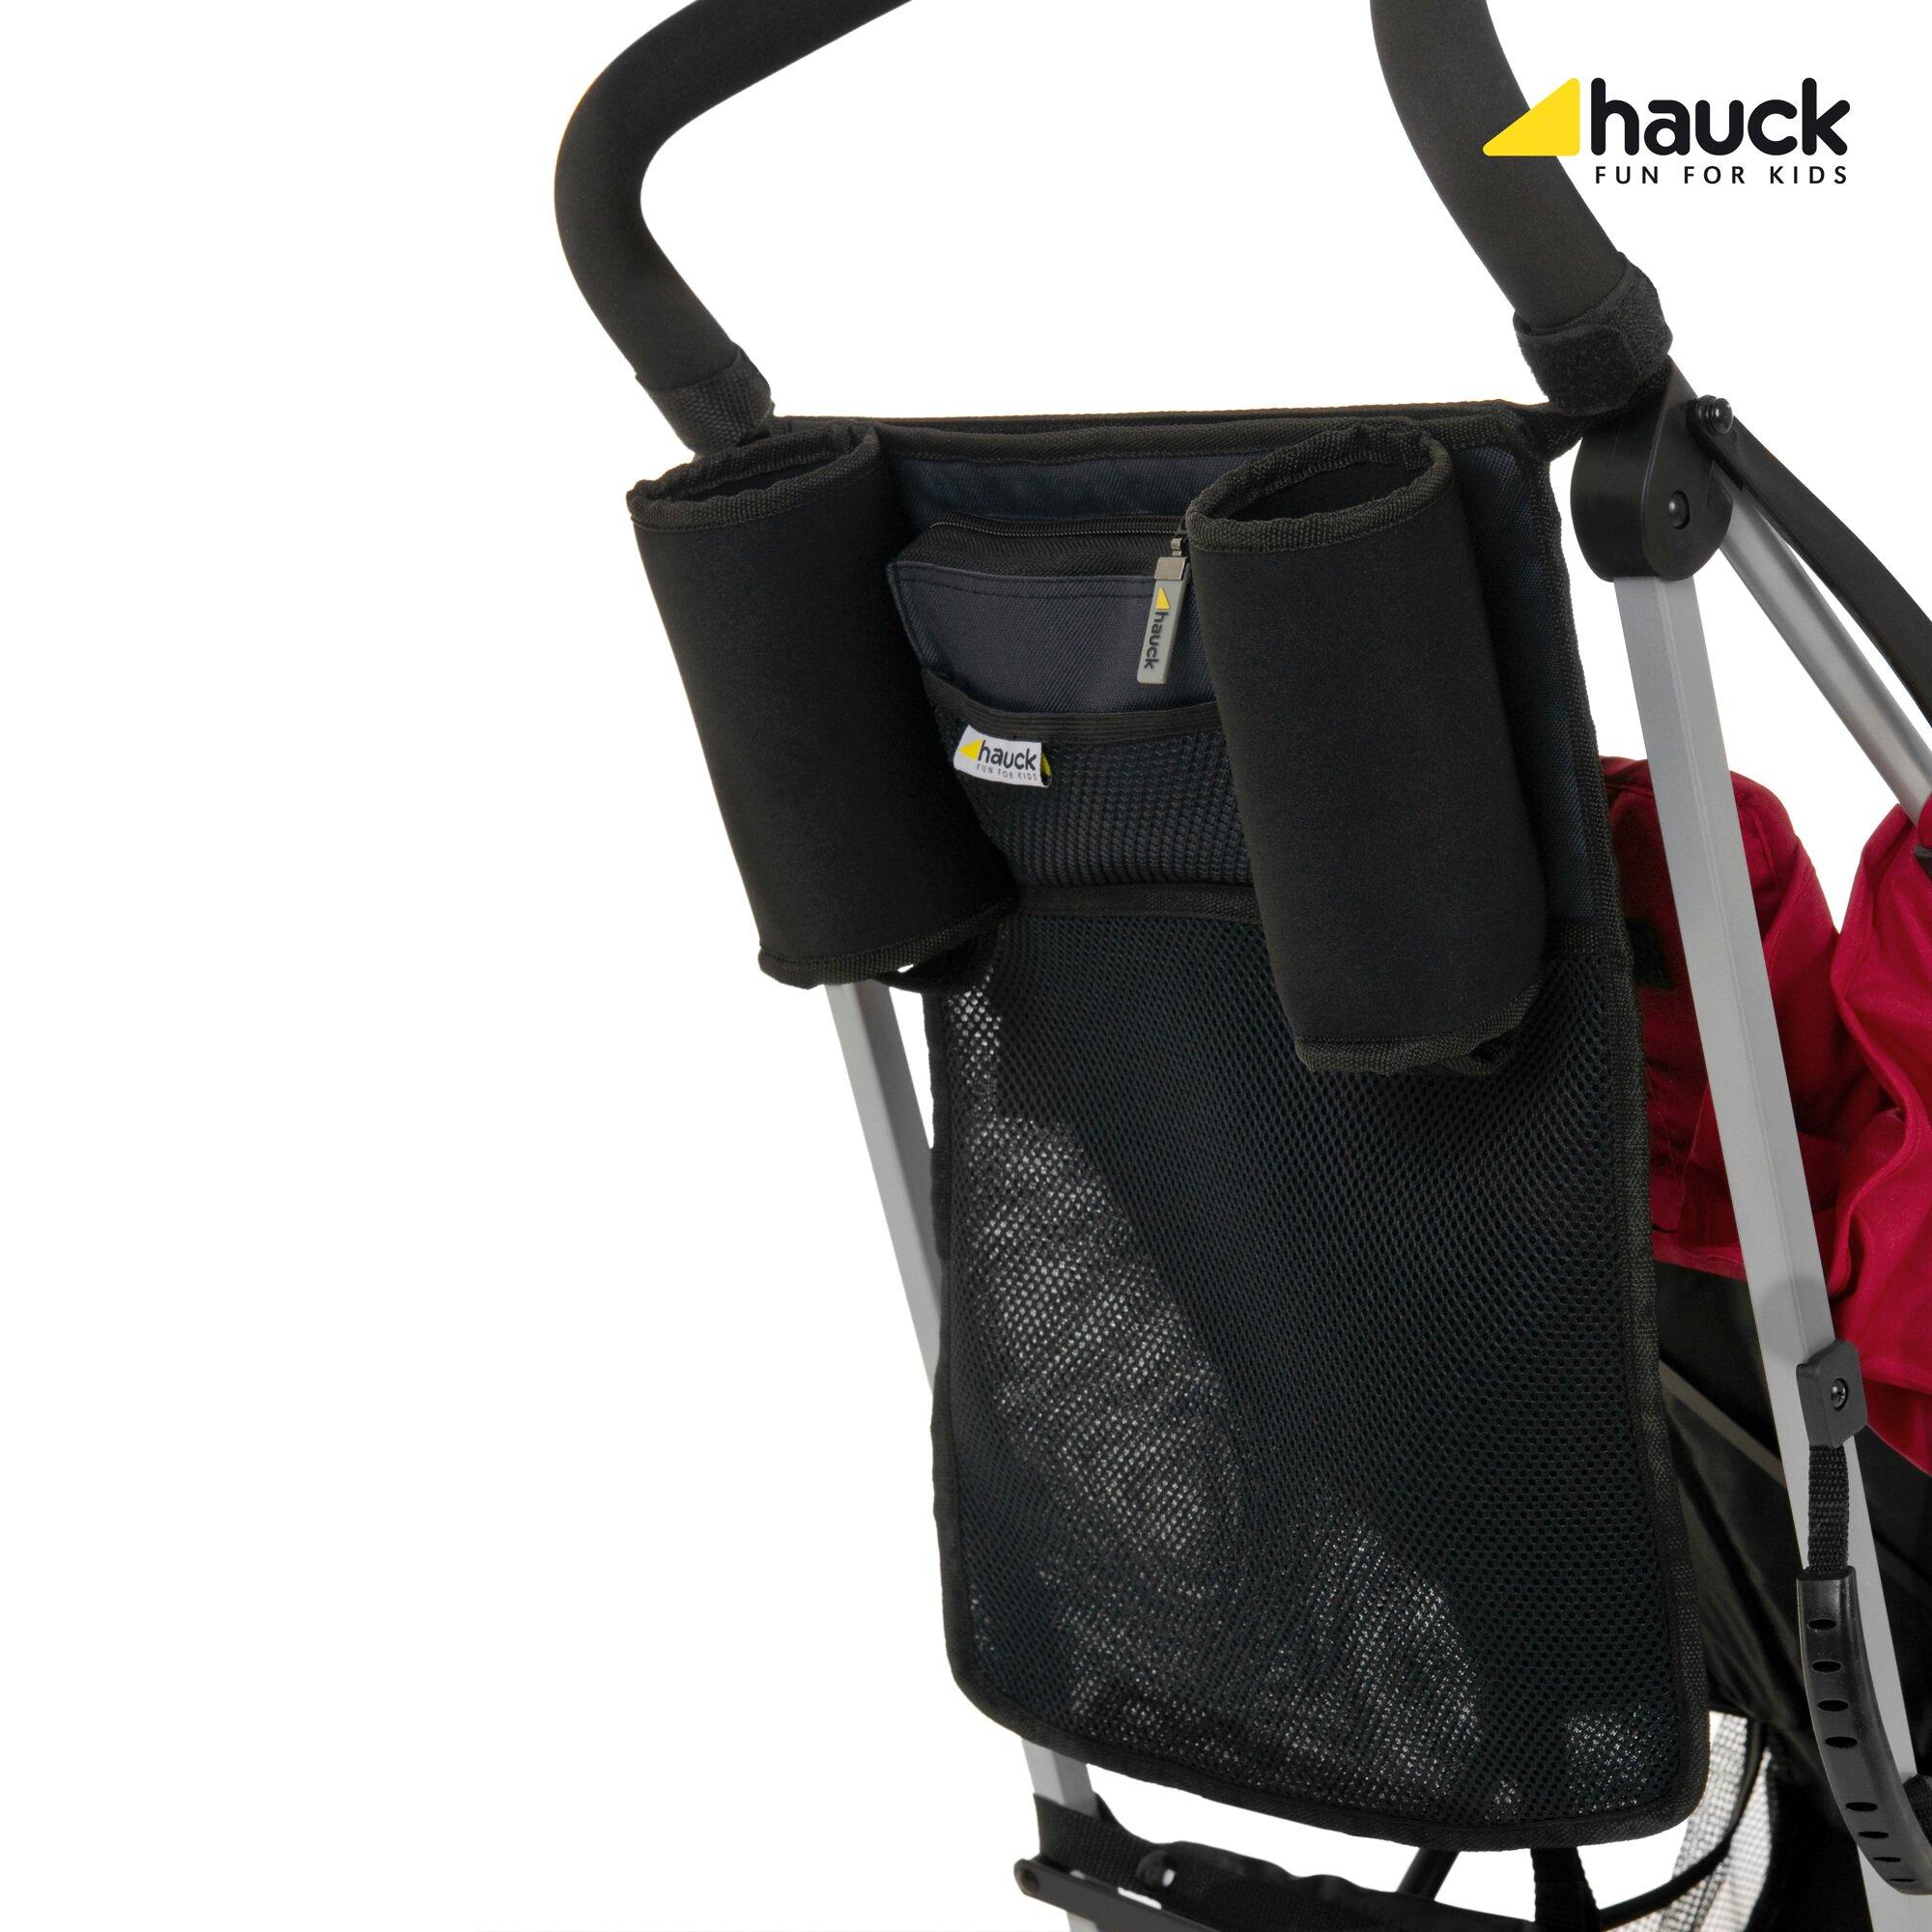 hauck-kinderwagentasche-store-me-schwarz